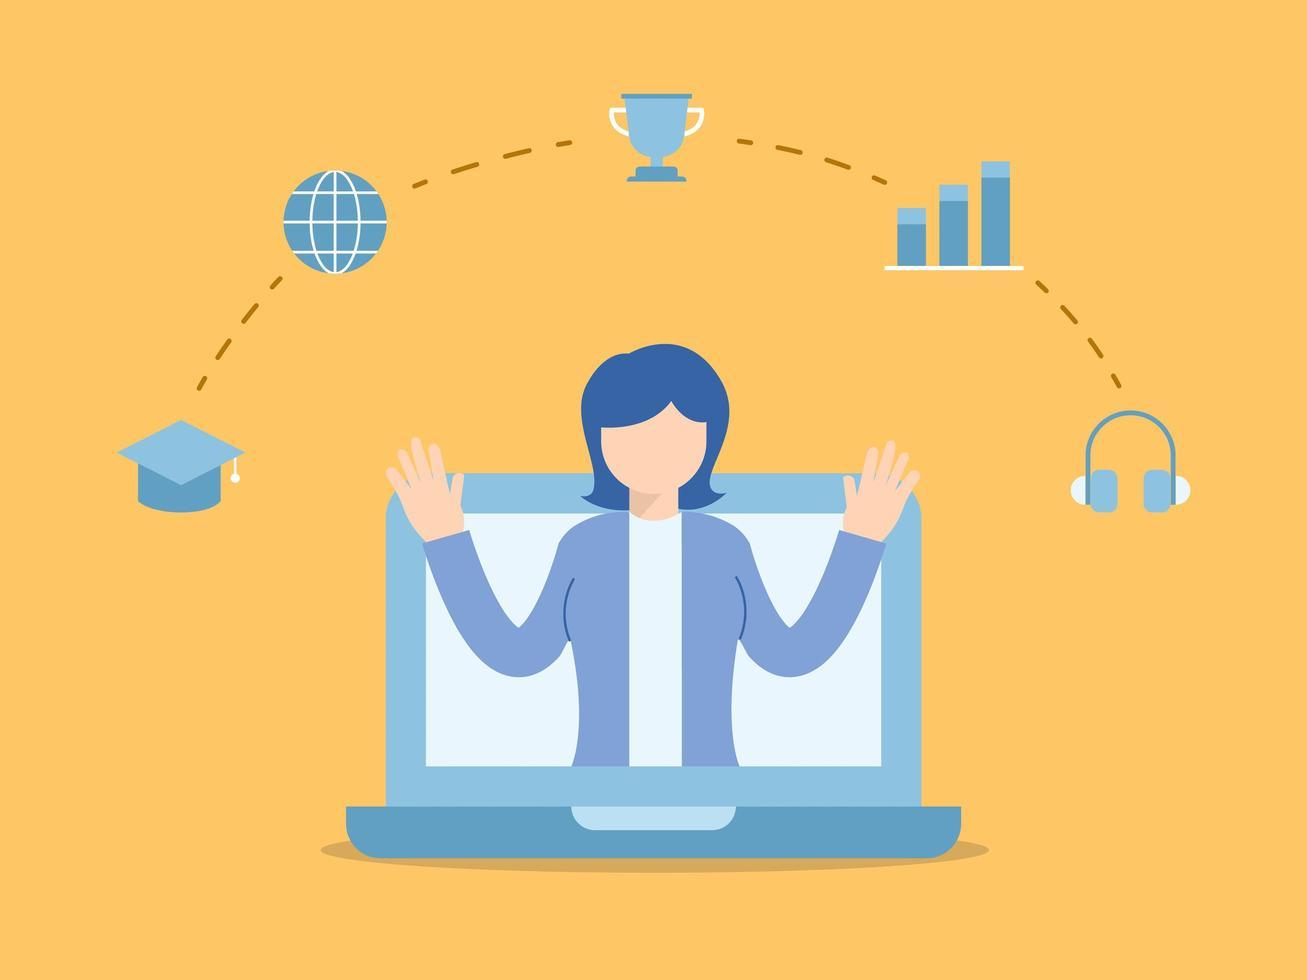 donna che insegna online nel computer portatile vettore